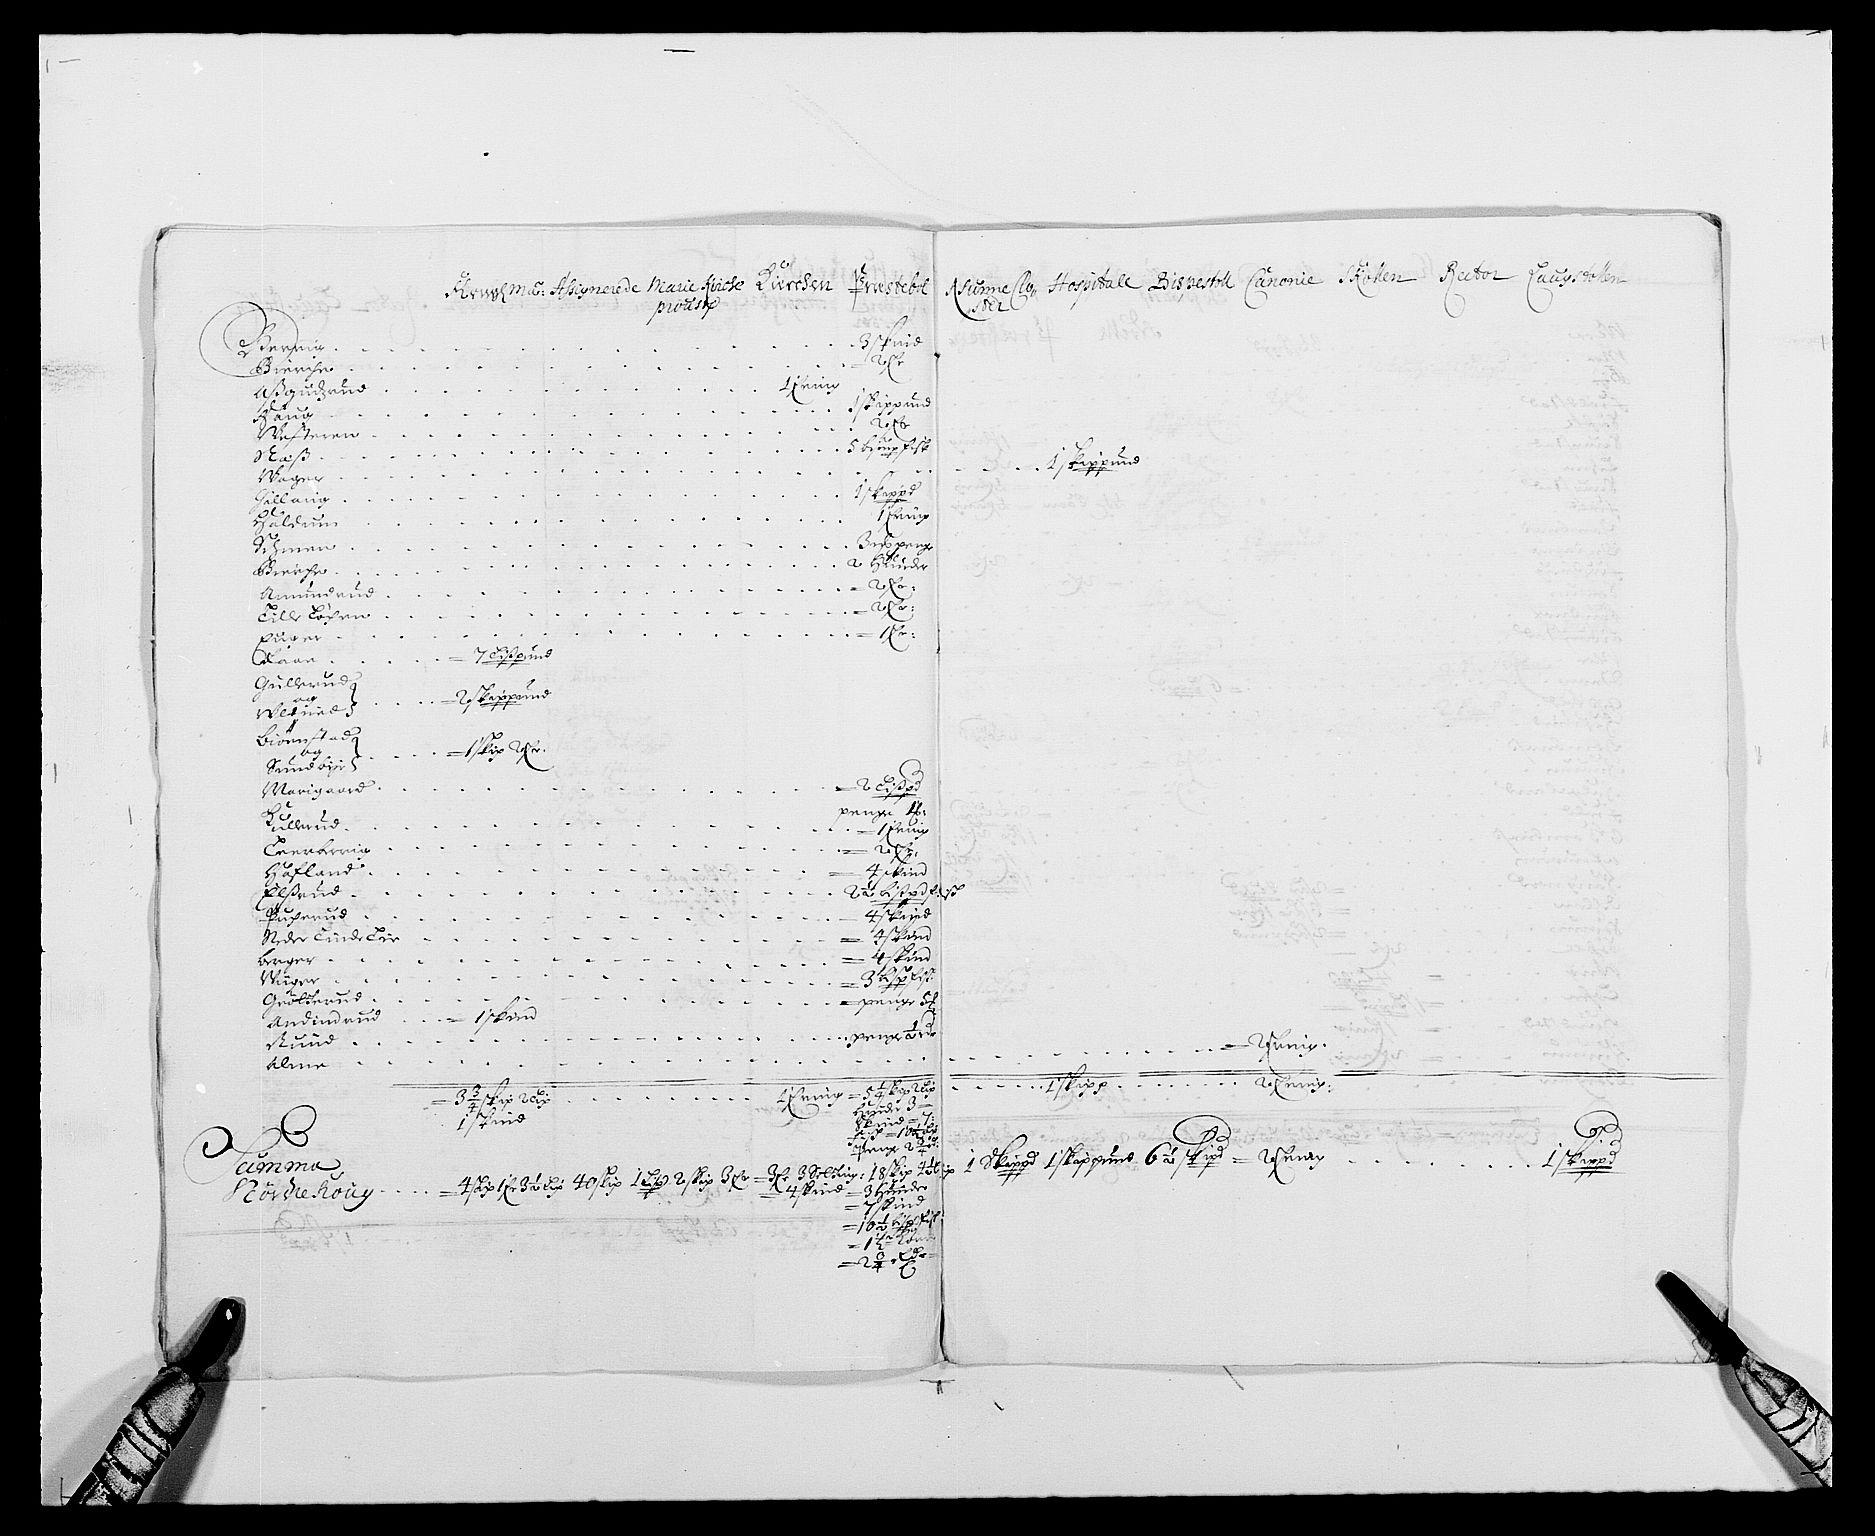 RA, Rentekammeret inntil 1814, Reviderte regnskaper, Fogderegnskap, R21/L1446: Fogderegnskap Ringerike og Hallingdal, 1683-1686, s. 390